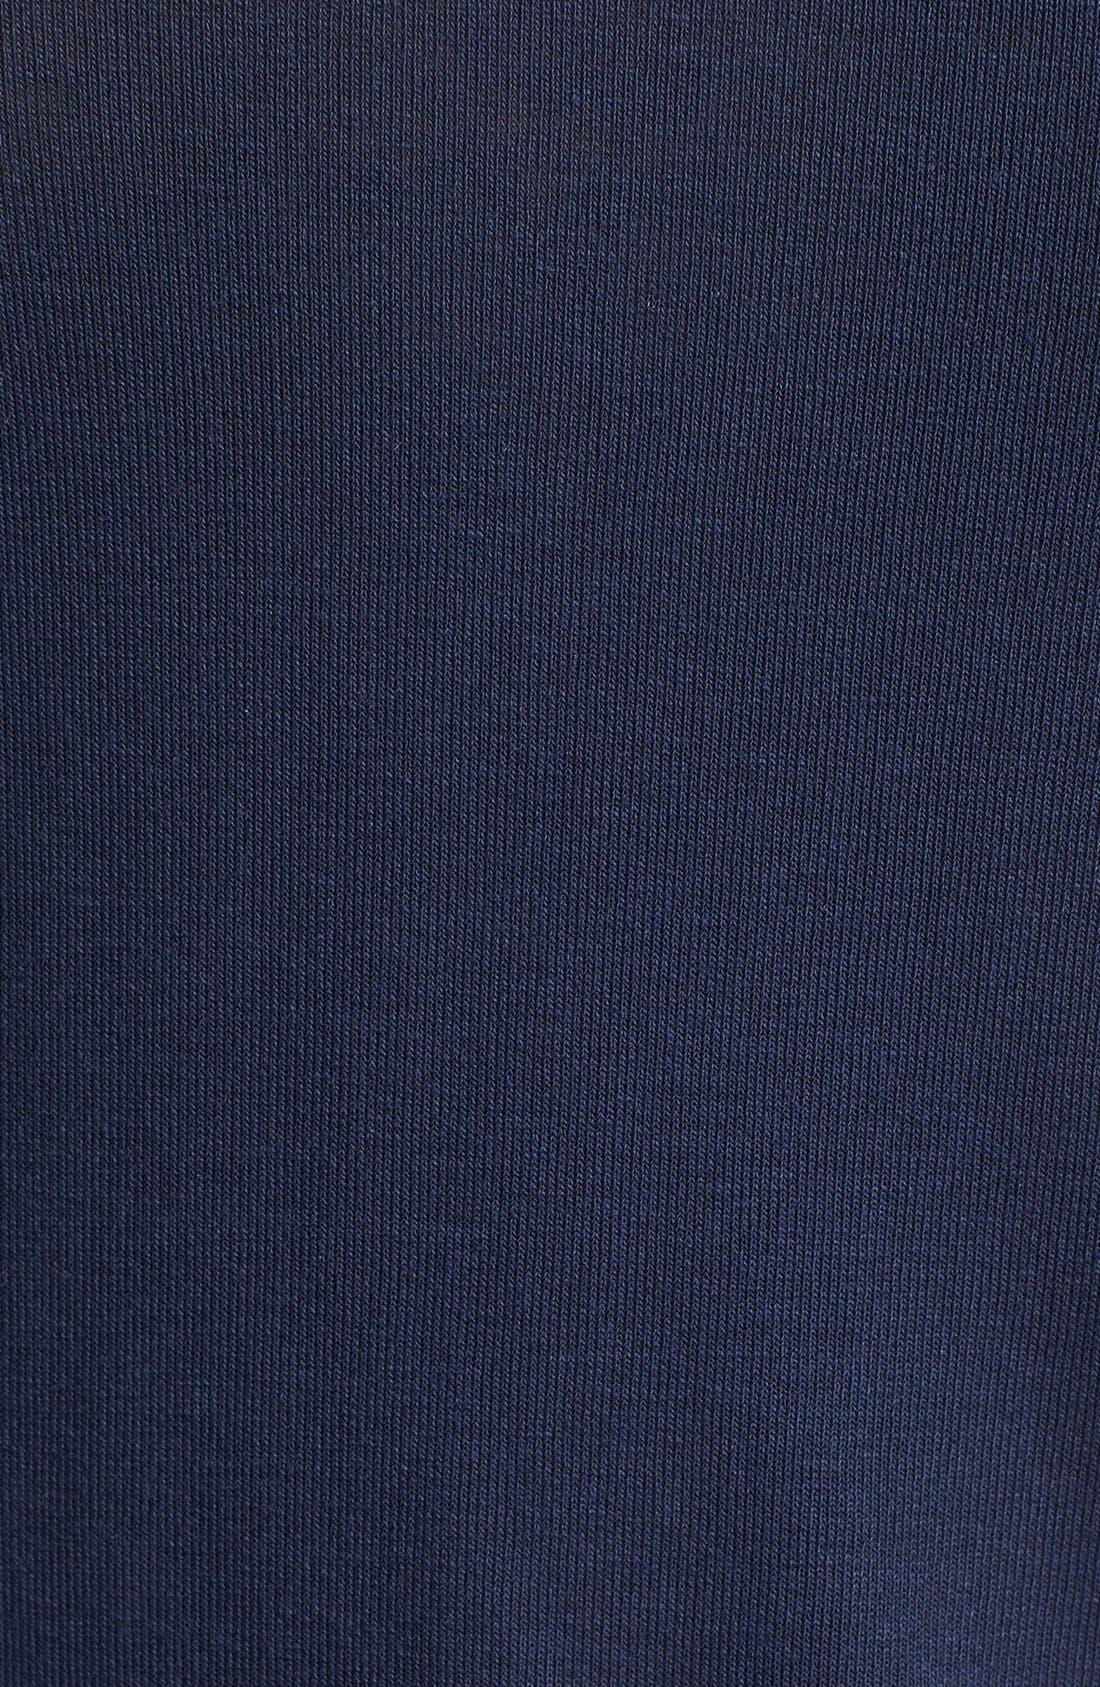 Alternate Image 3  - Splendid Stripe Sleeve Baseball Tee